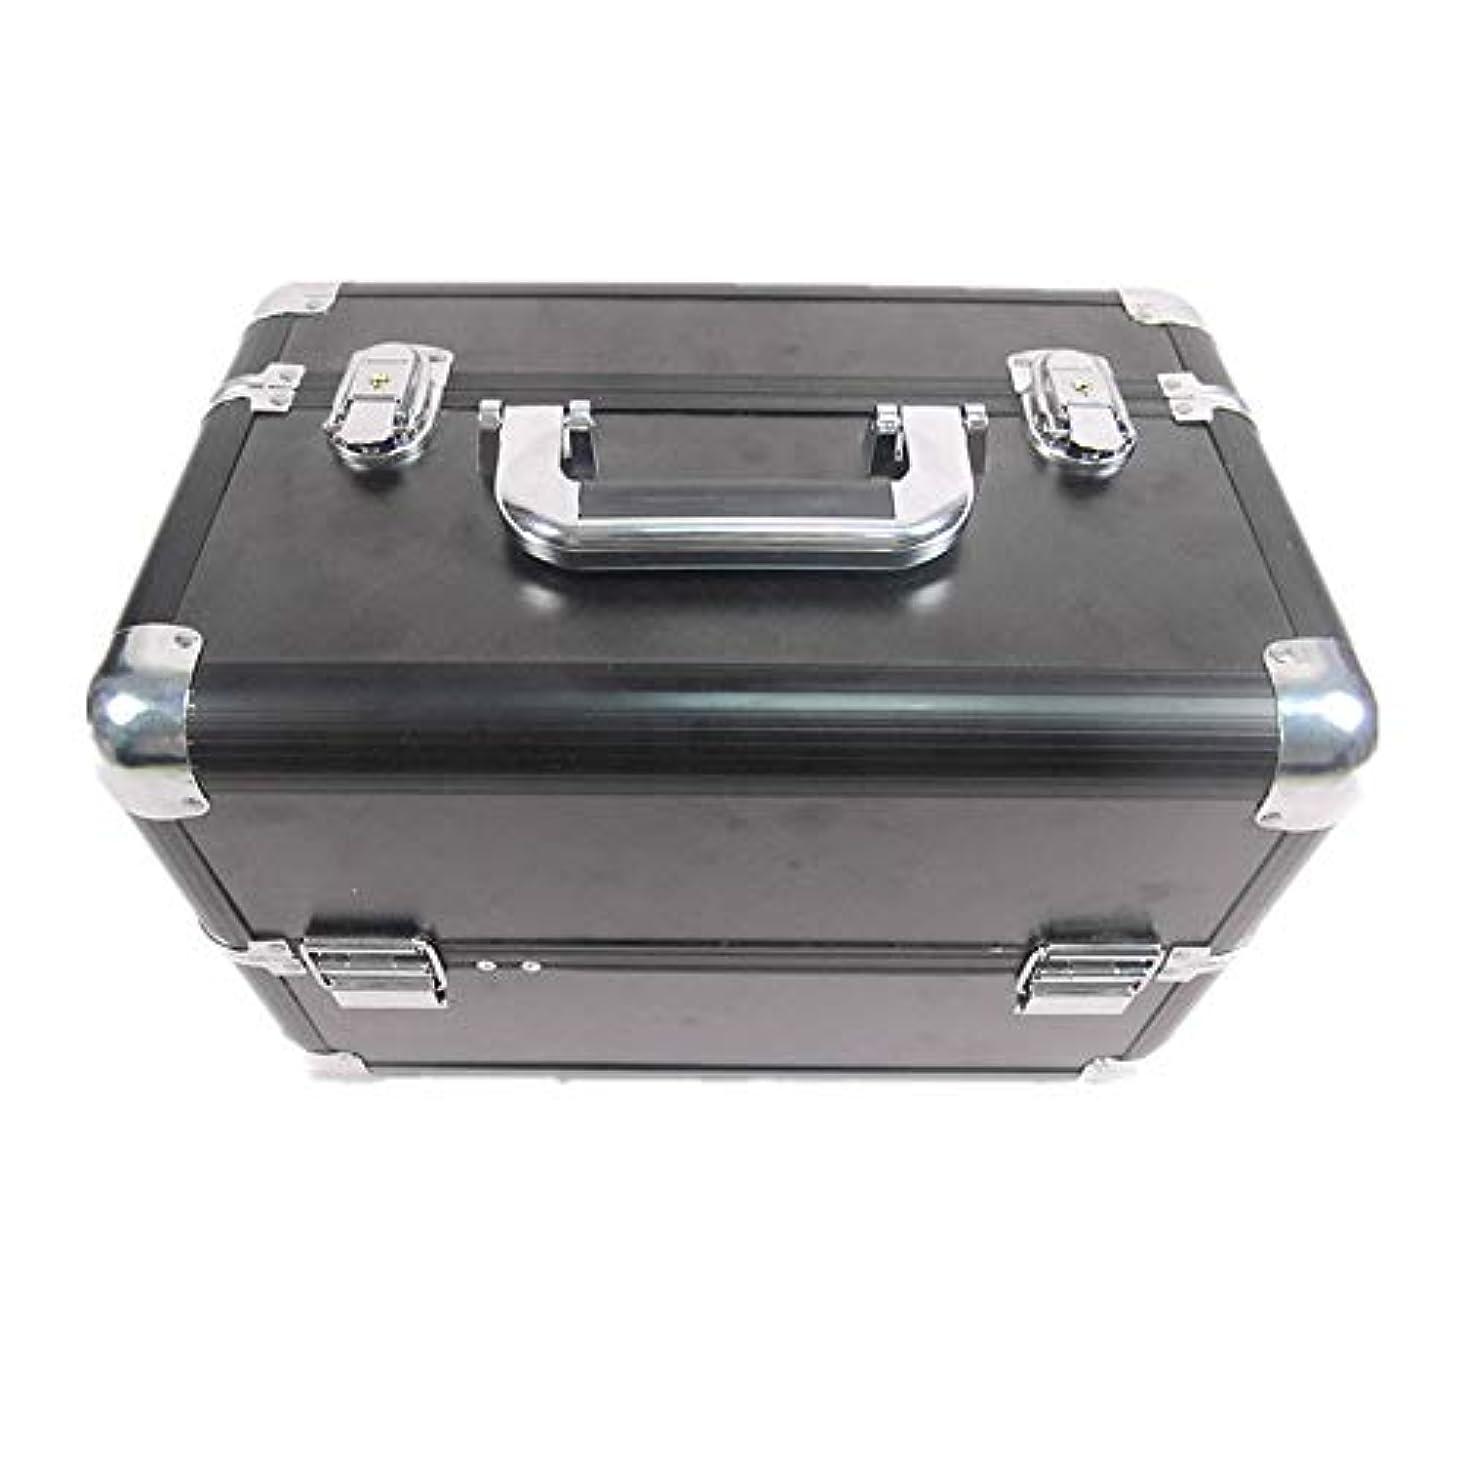 似ているティッシュ記念碑化粧オーガナイザーバッグ 大容量ポータブル化粧ケース(トラベルアクセサリー用)シャンプーボディウォッシュパーソナルアイテム収納トレイ(エクステンショントレイ付) 化粧品ケース